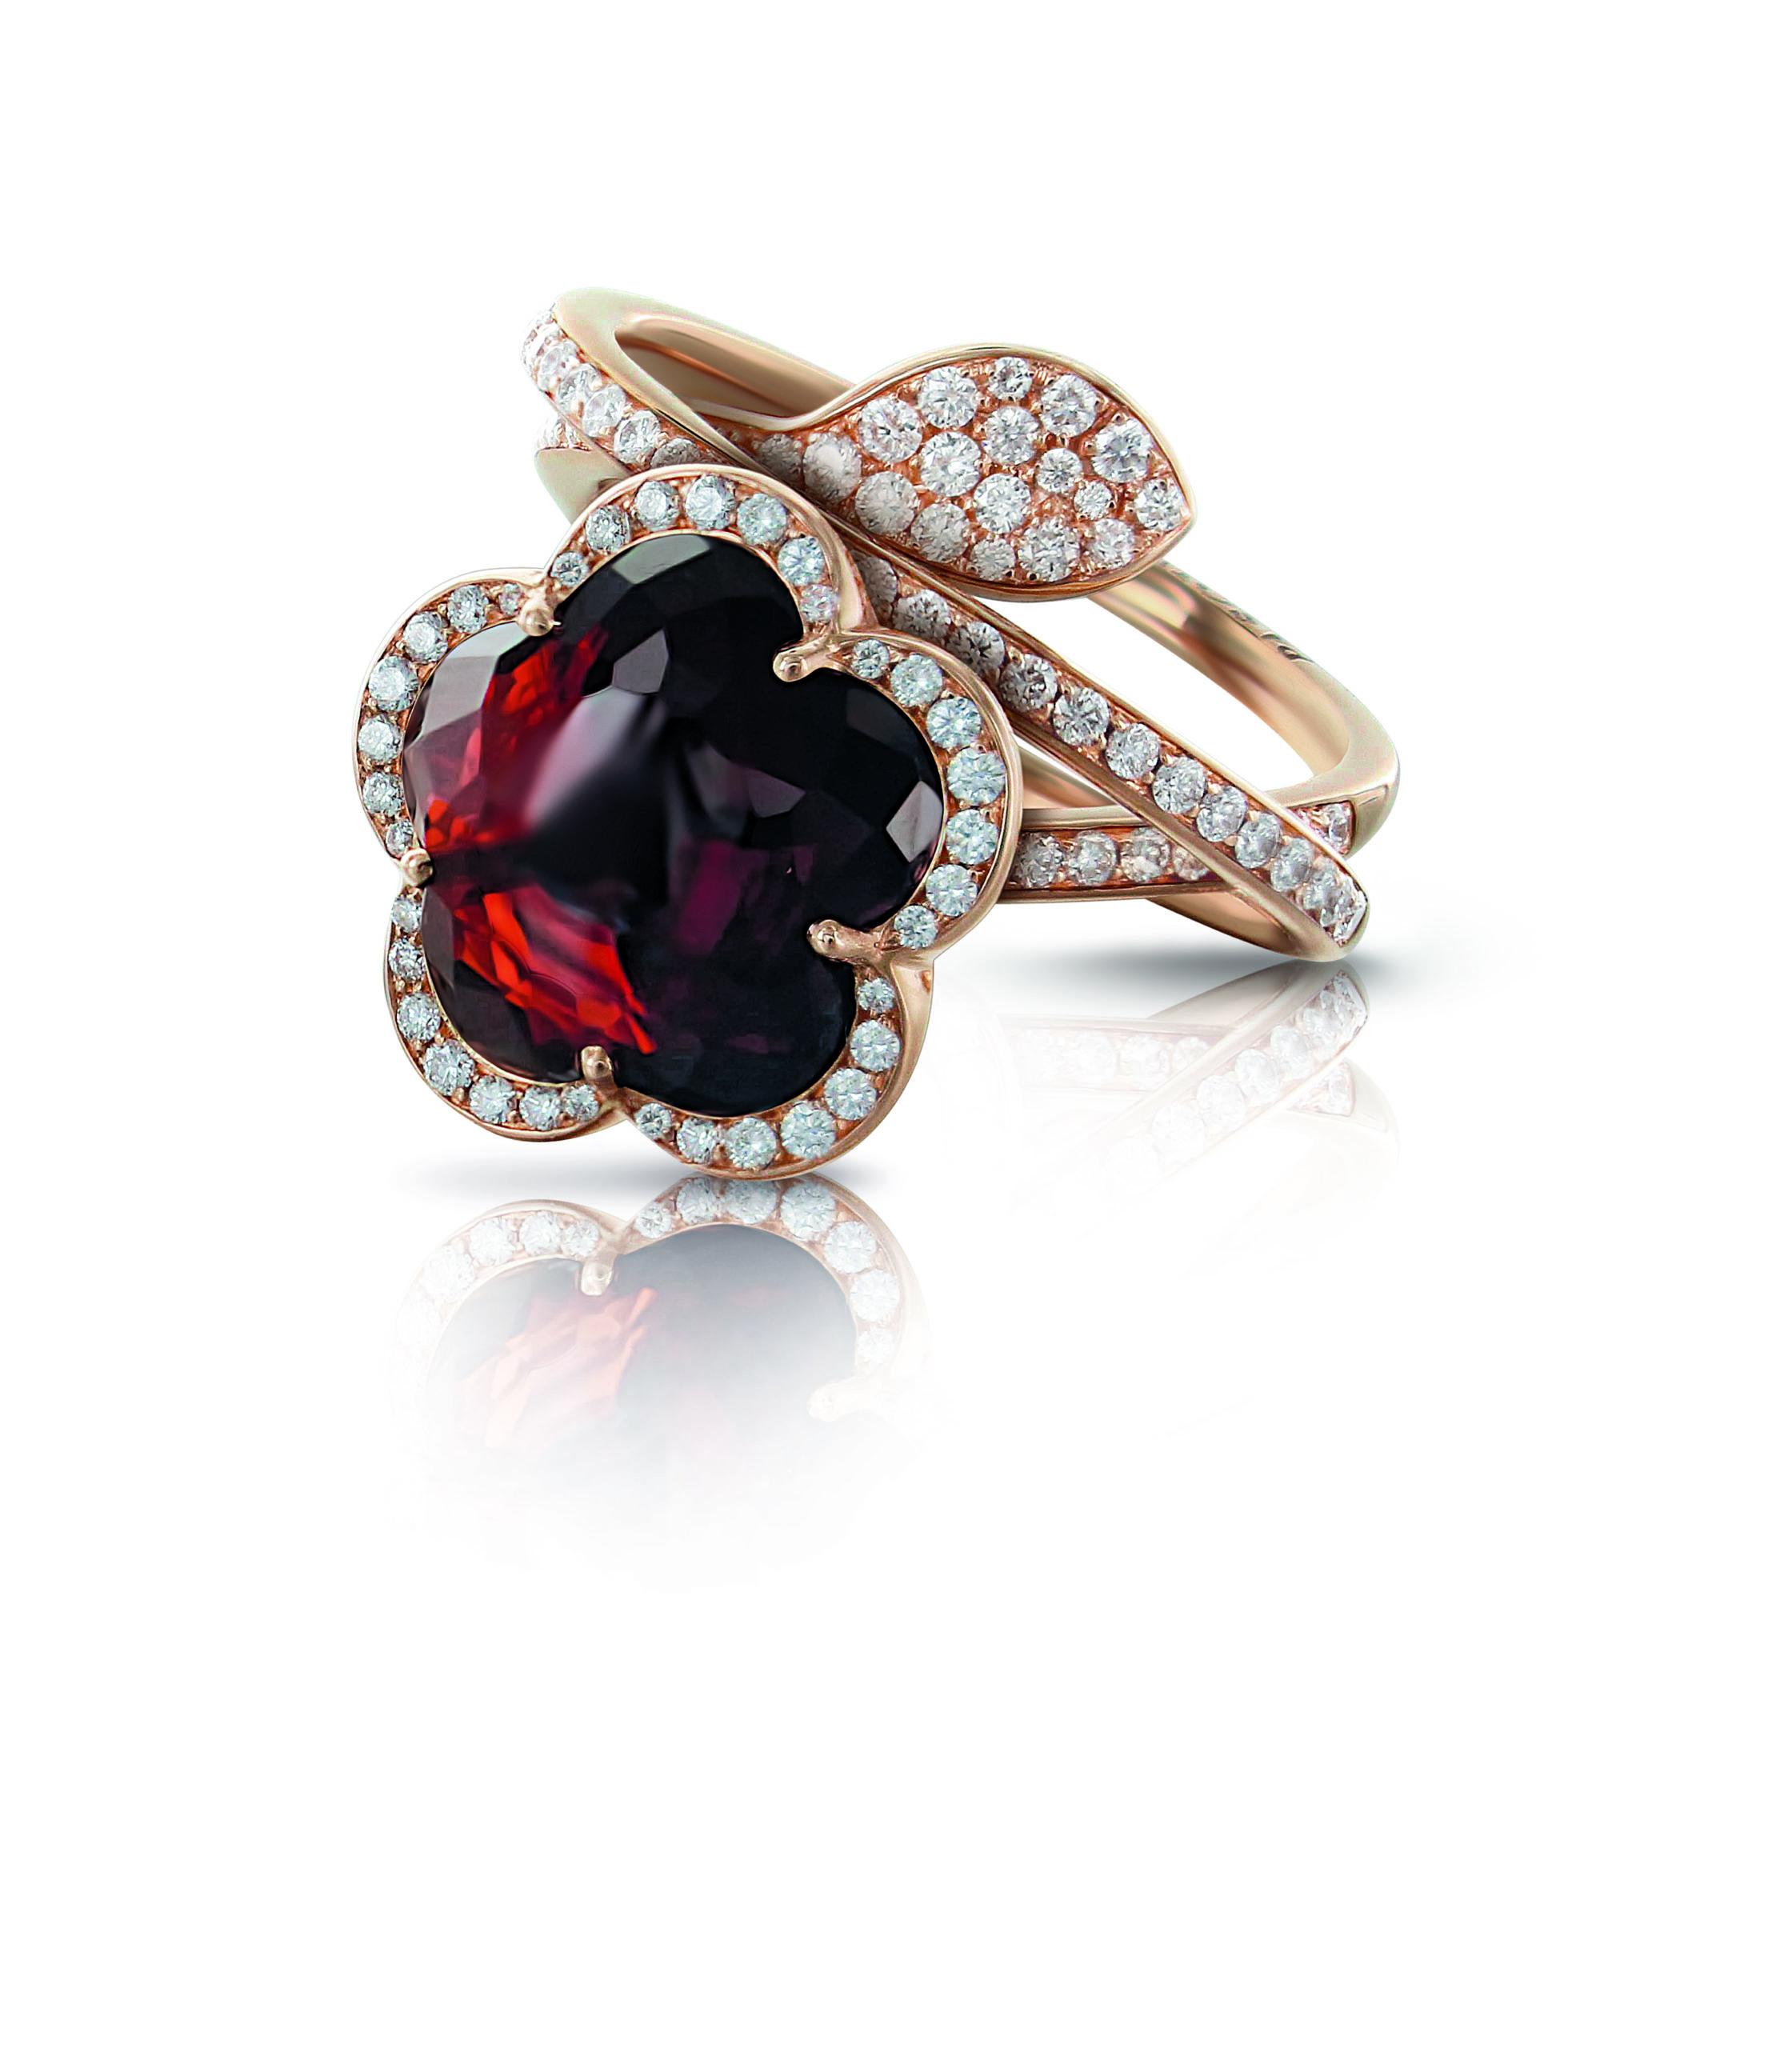 Pasquale Bruni viert Valentijnsdag met schitterende sieraden